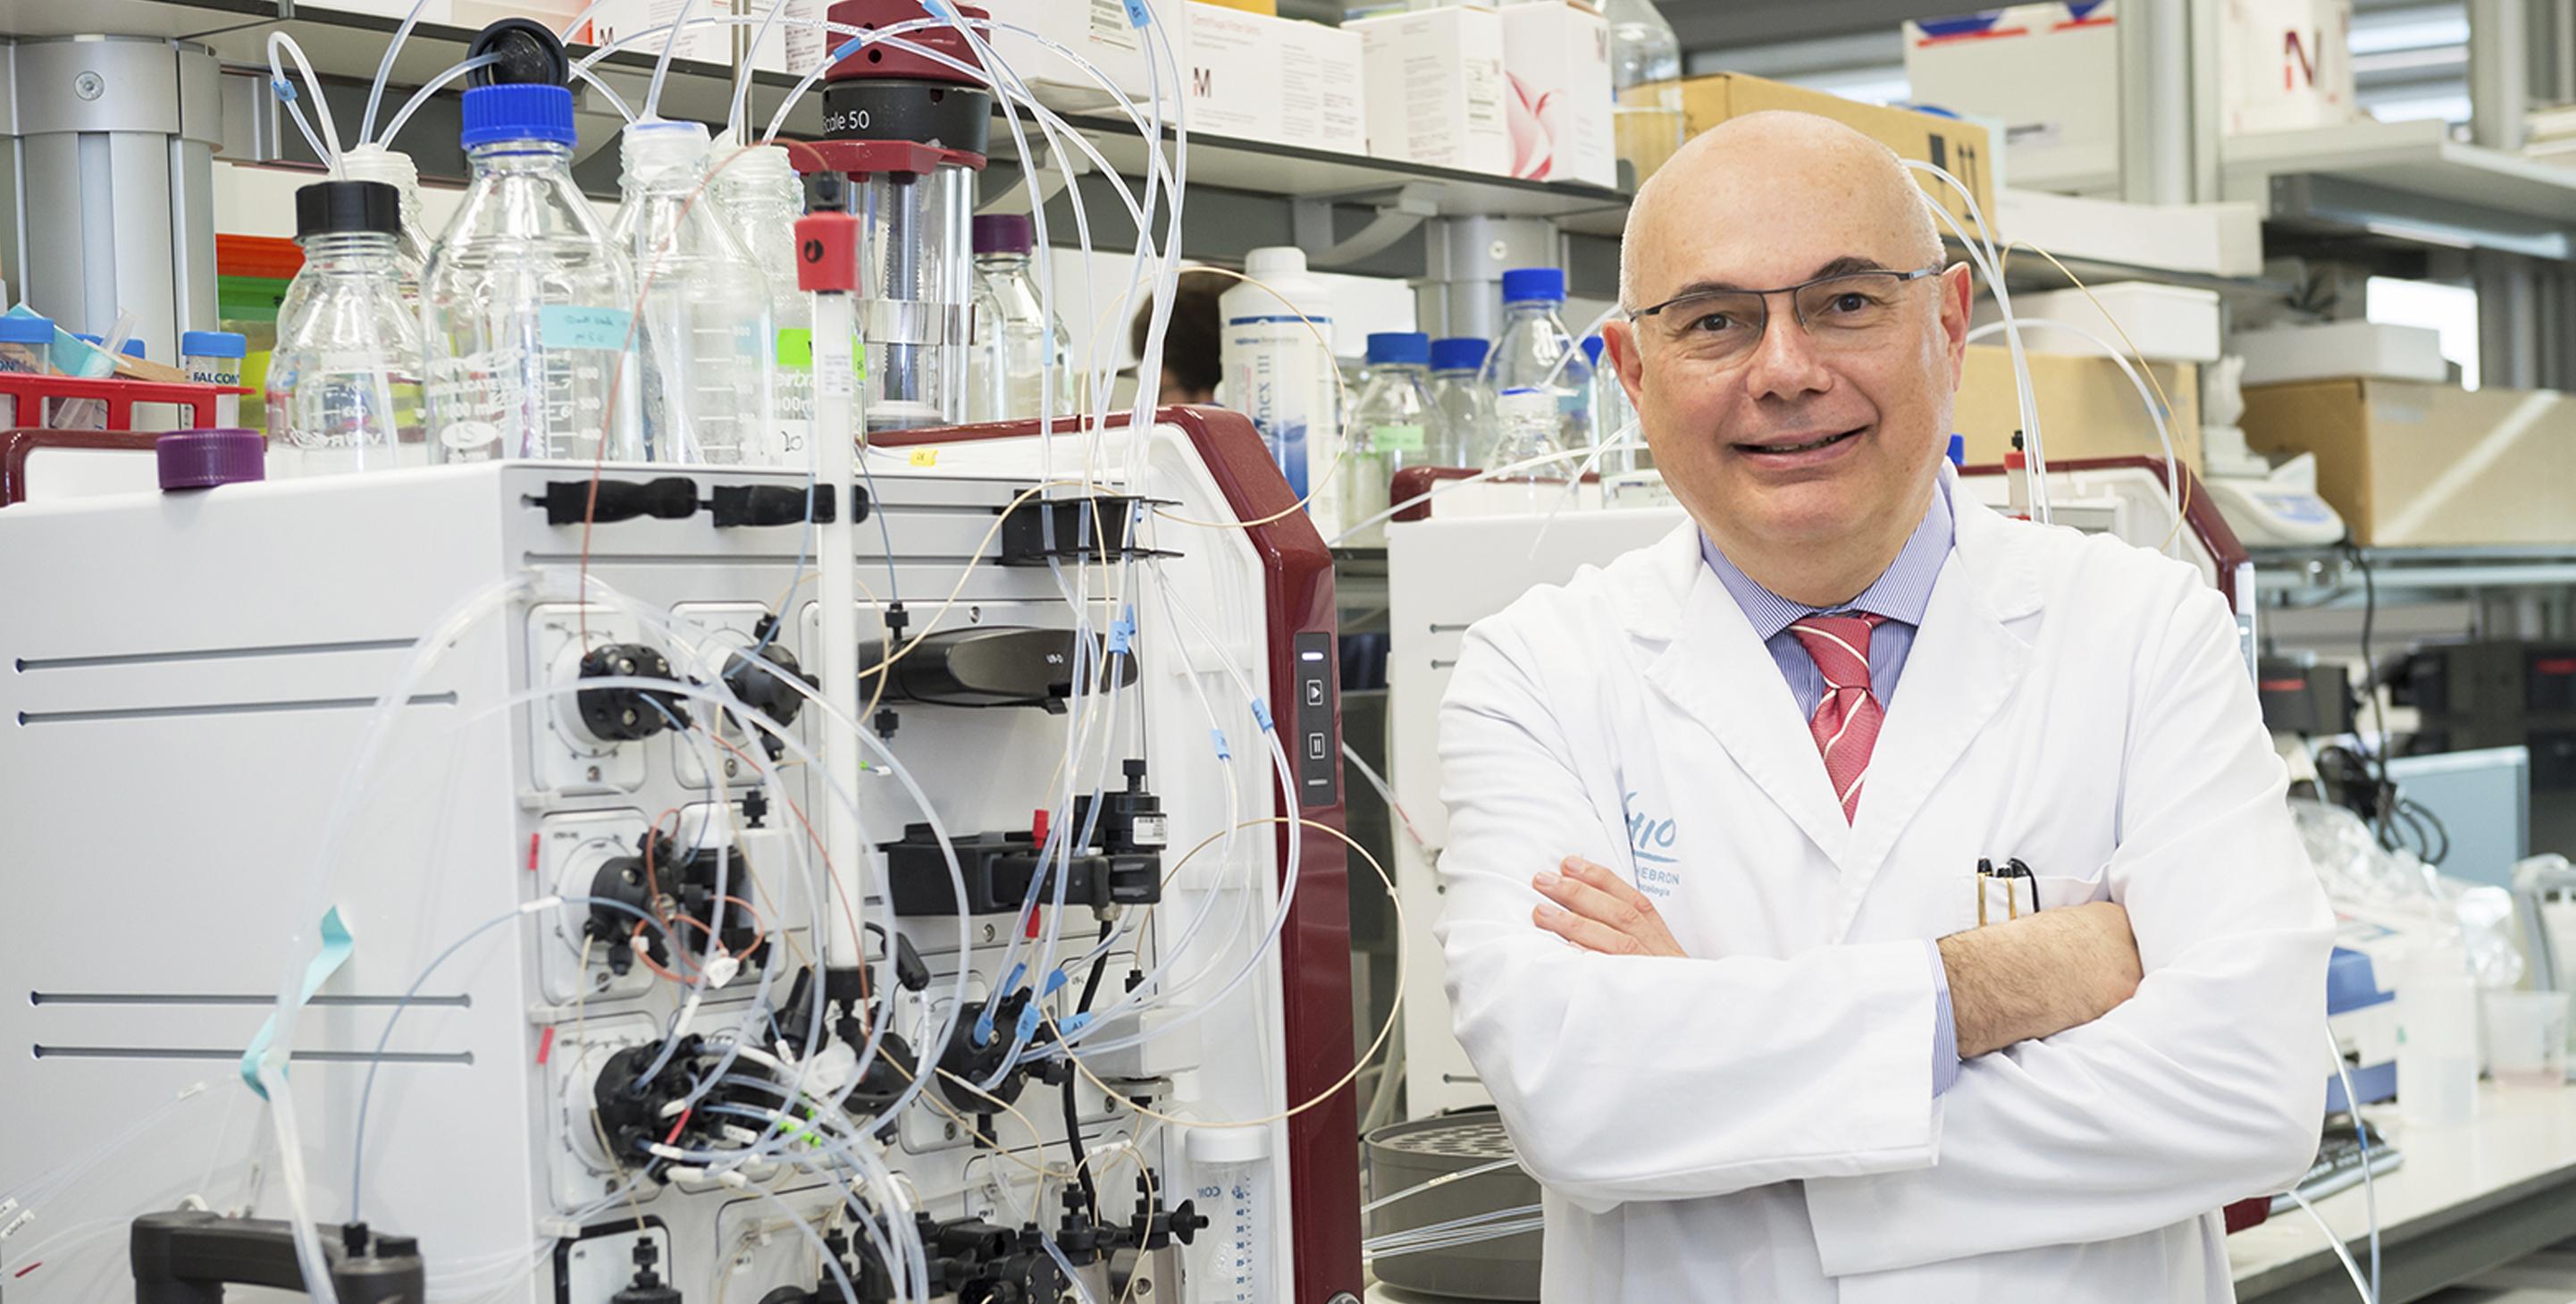 Expertos en oncología plantean un enfoque integral de investigación del cáncer centrado en medicina de precisión